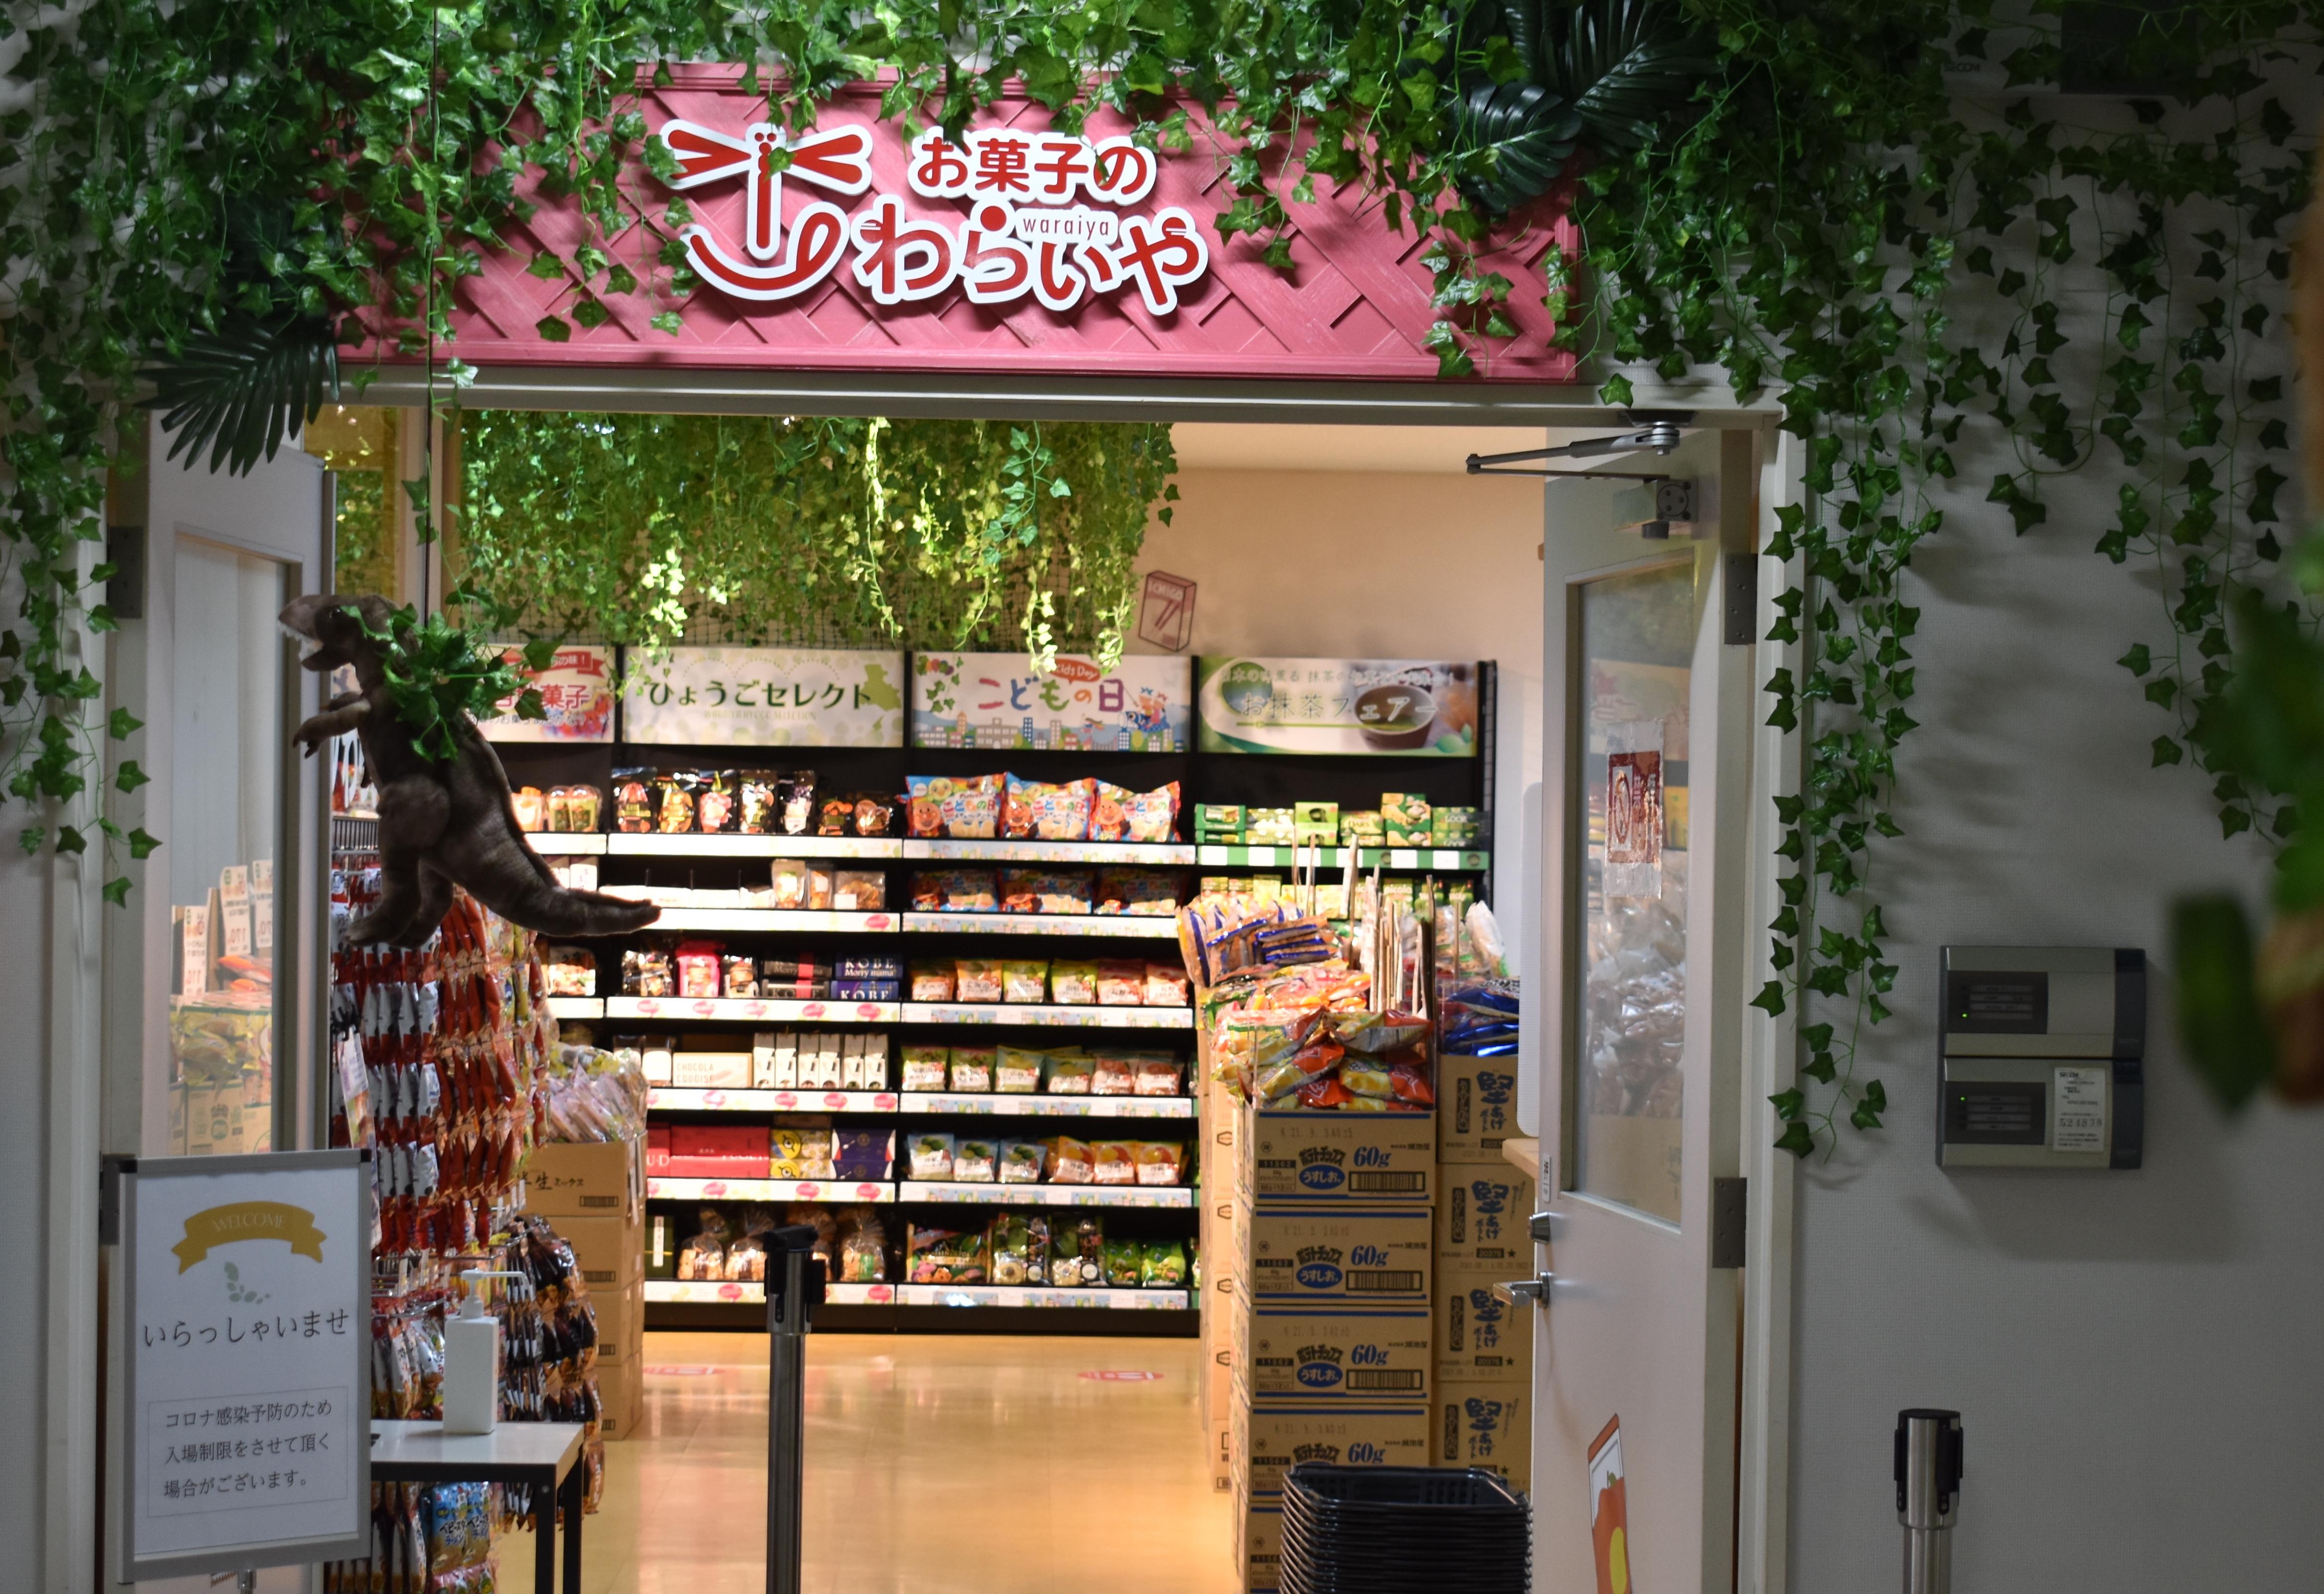 お菓子のわらいやの店内写真